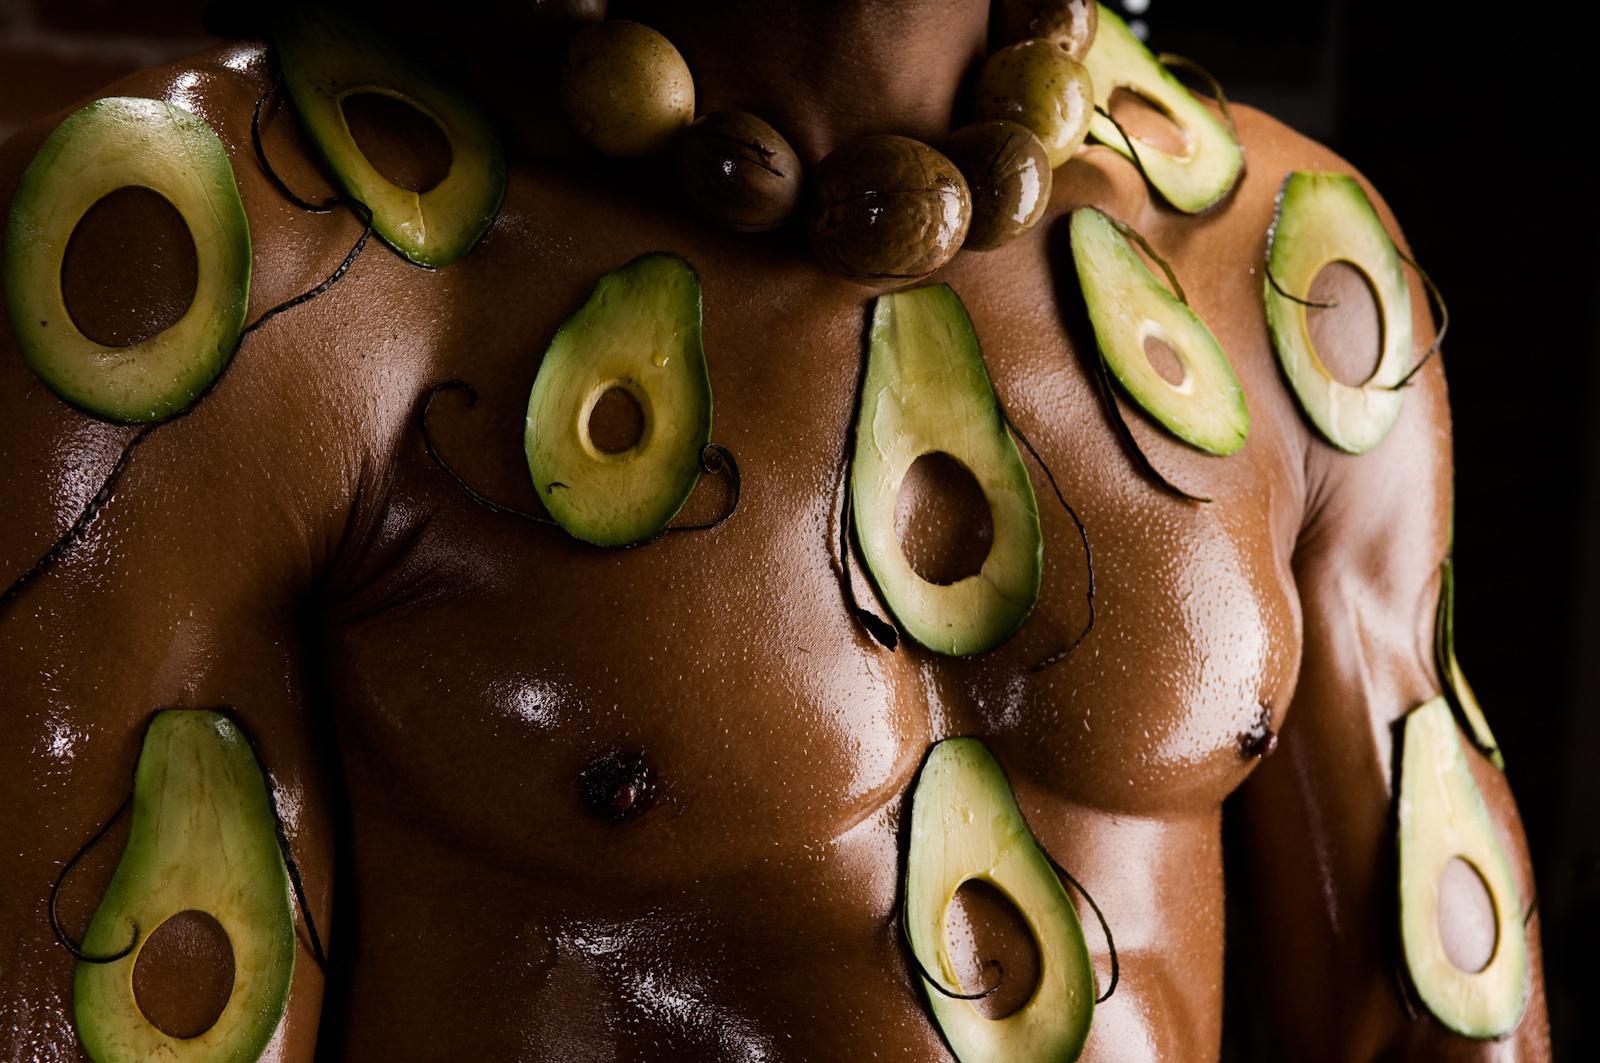 Avocado Sex 85